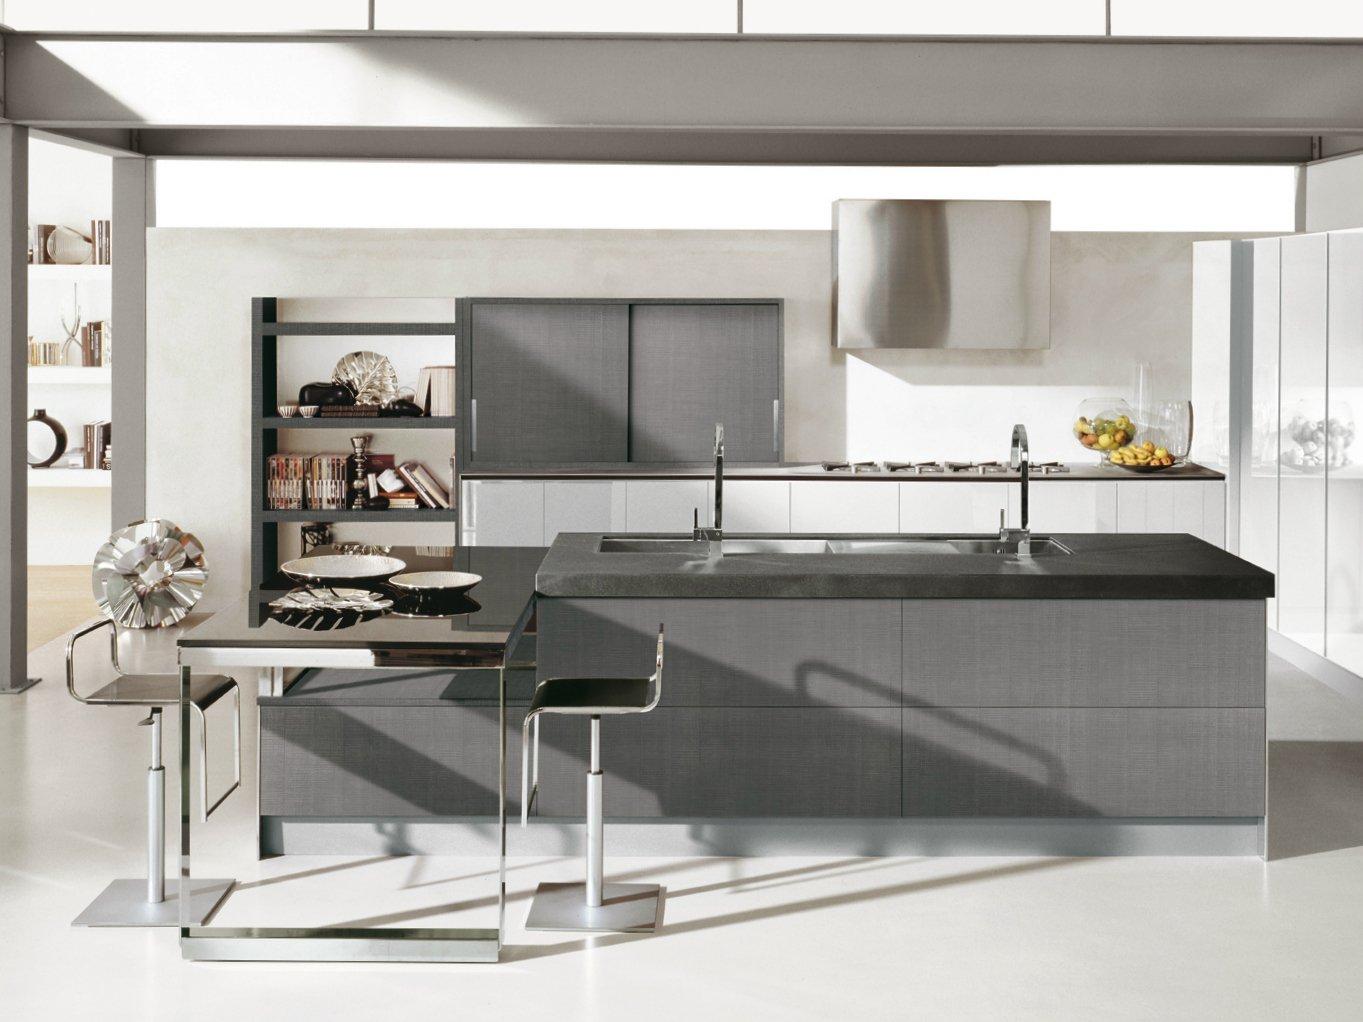 Ikea Cucine Con Isola Prezzi cucine con isola: prezzi e marche, da ikea a scavolini